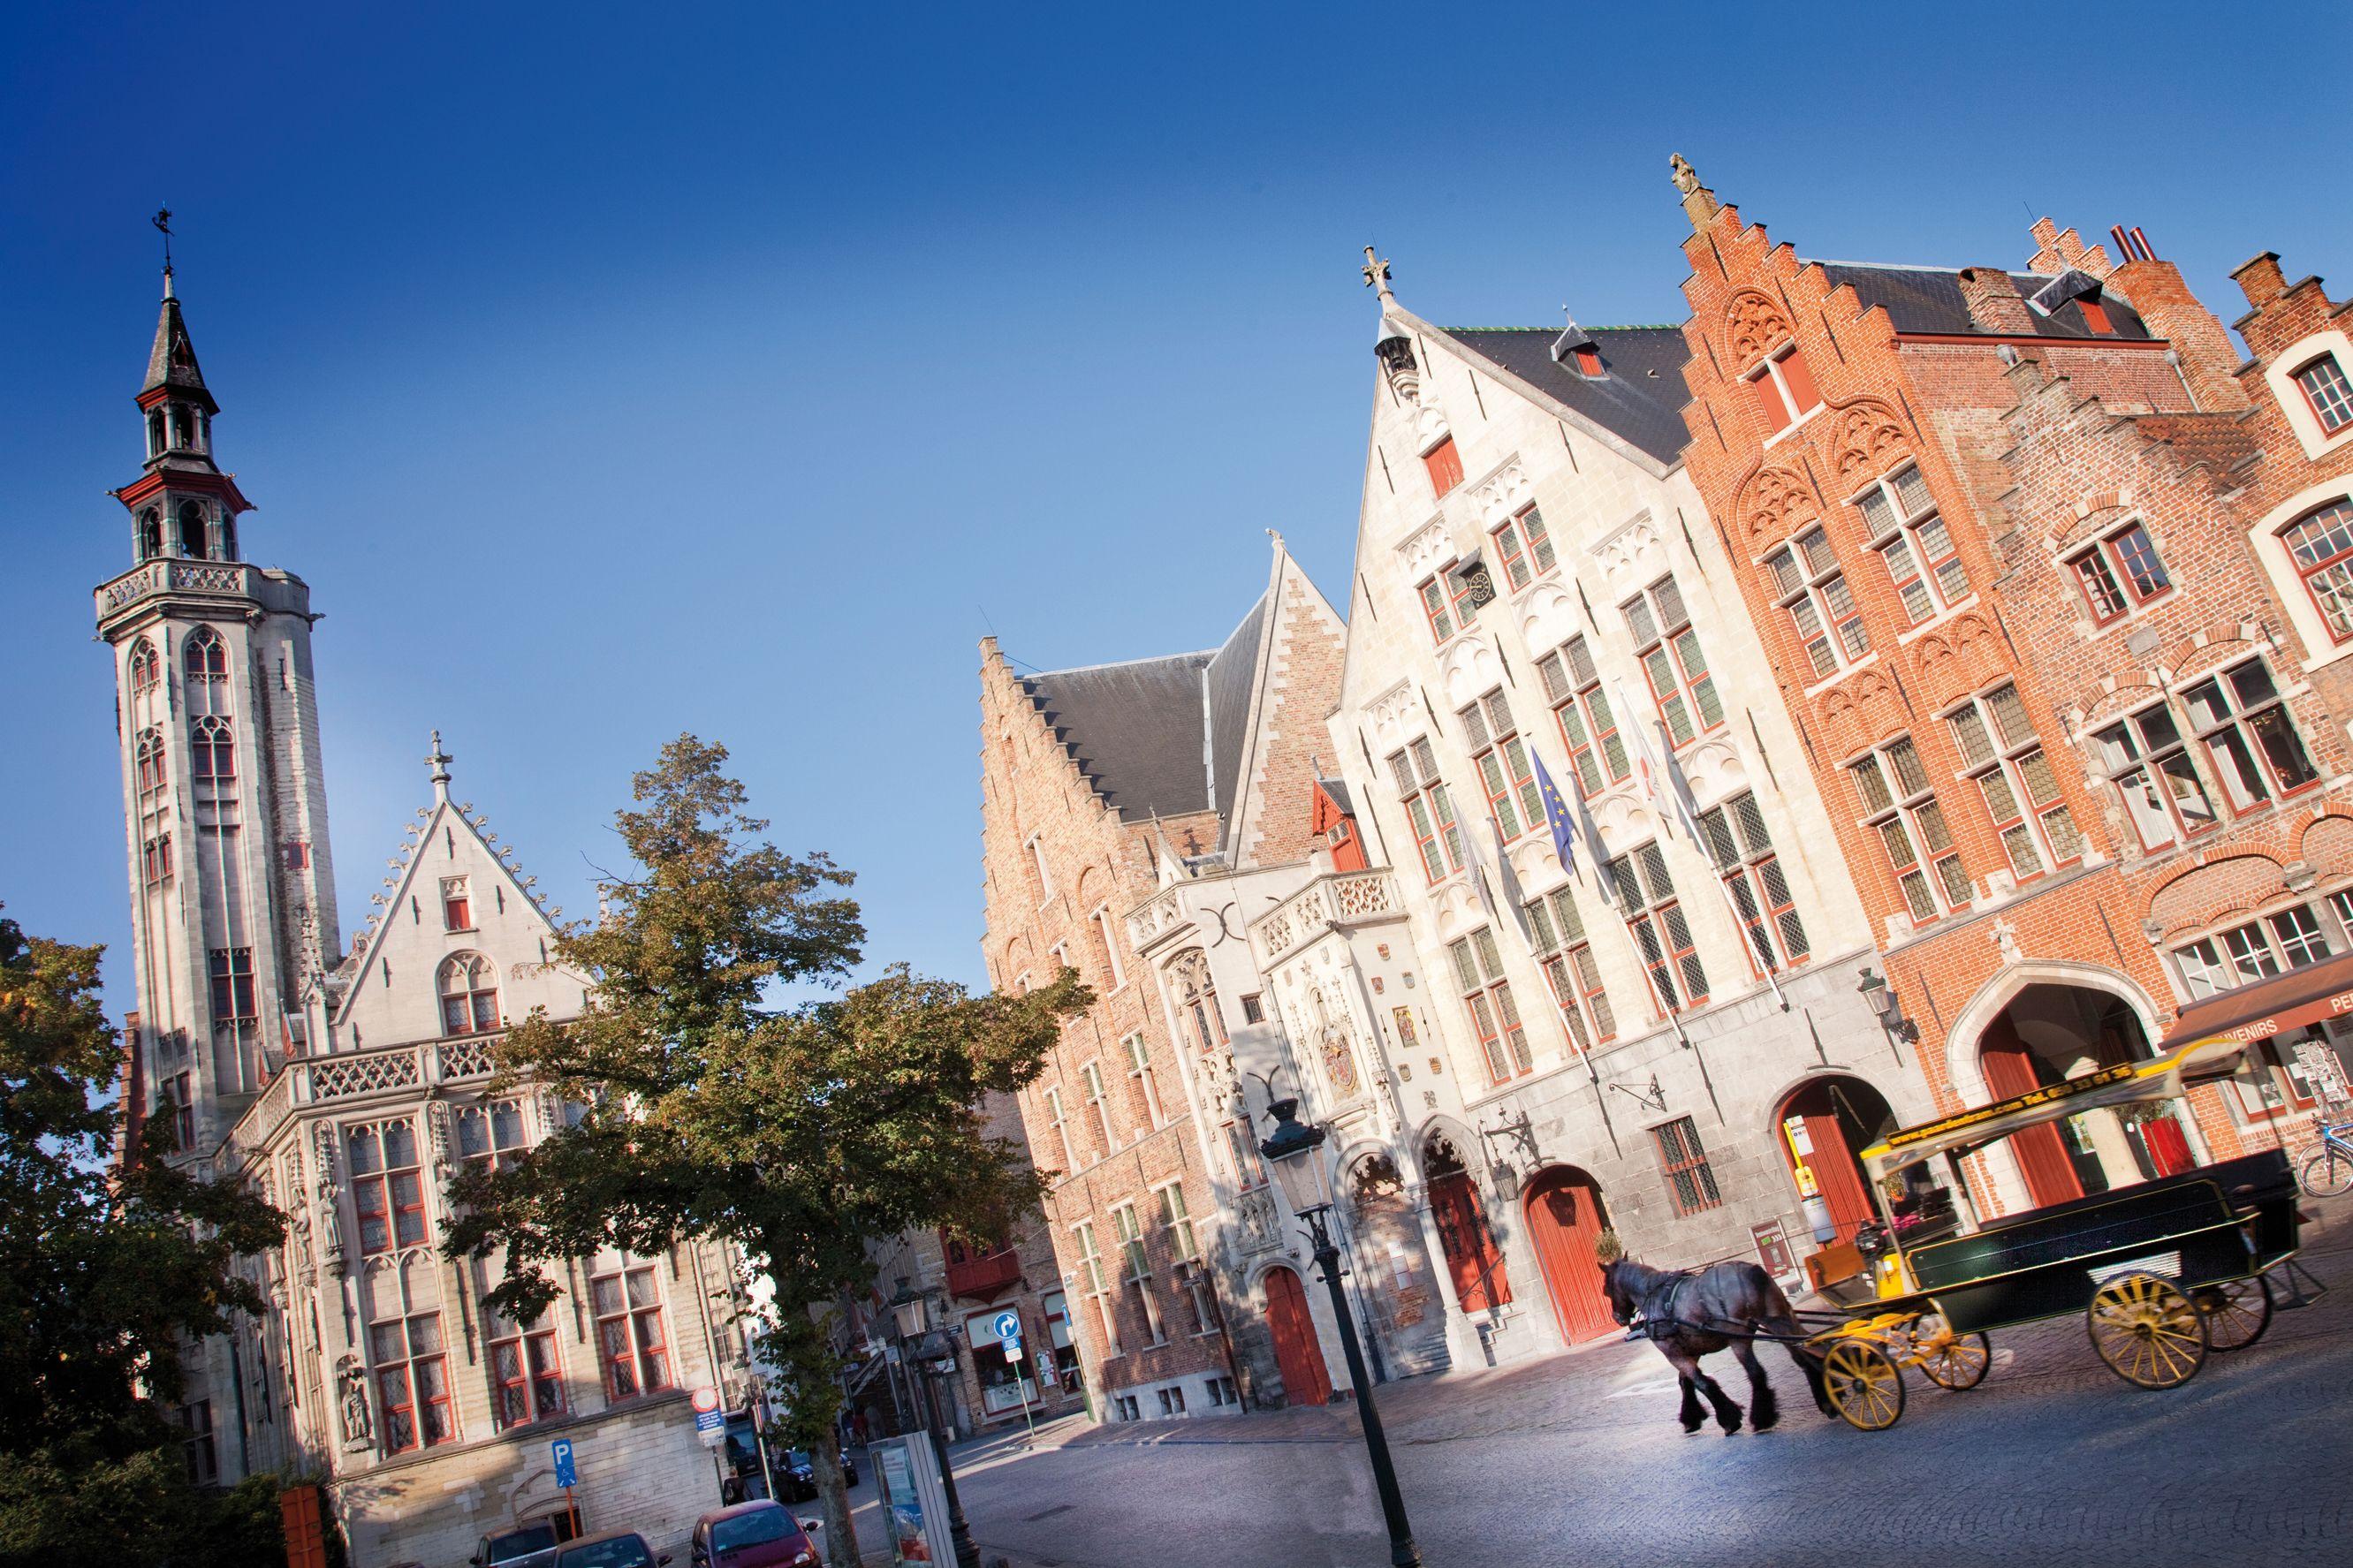 The former Hanseatic quarter (© Toerisme Brugge / Jan D'Hondt)